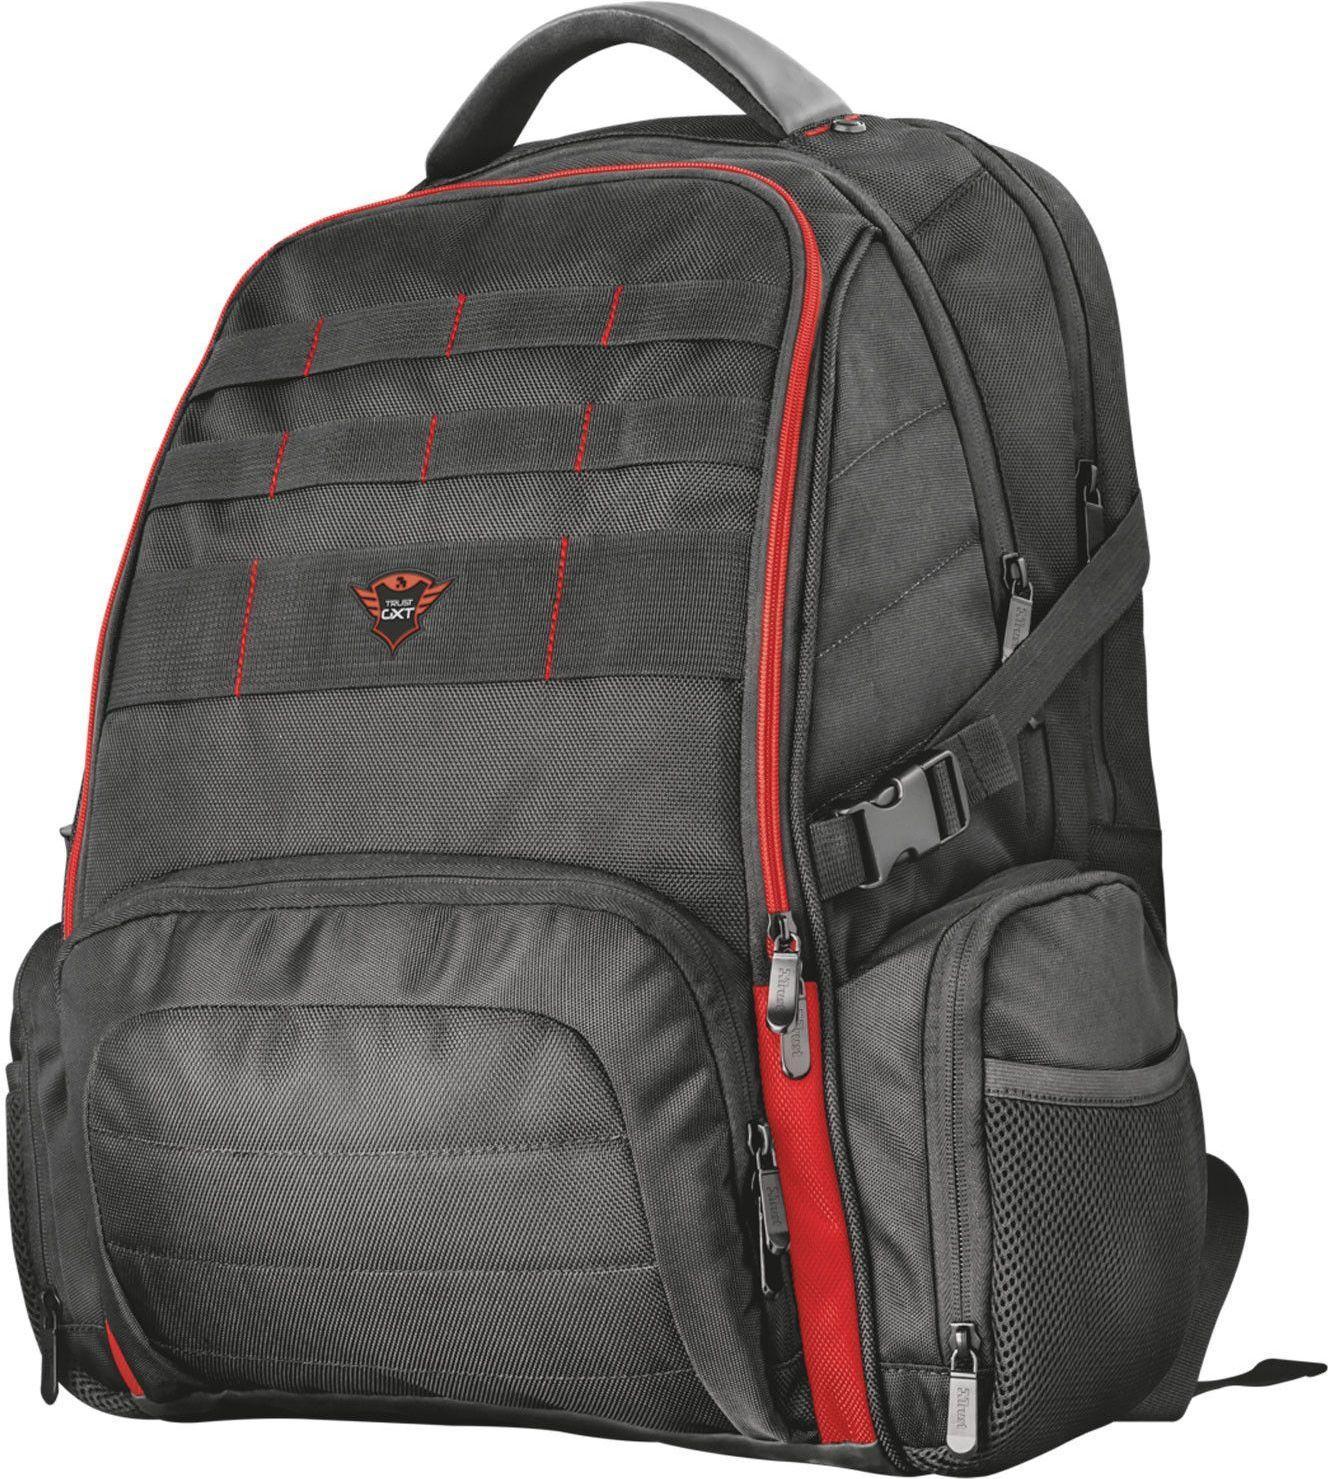 4673cd88 Best pris på Trust GXT 1250 - Se priser før kjøp i Prisguiden